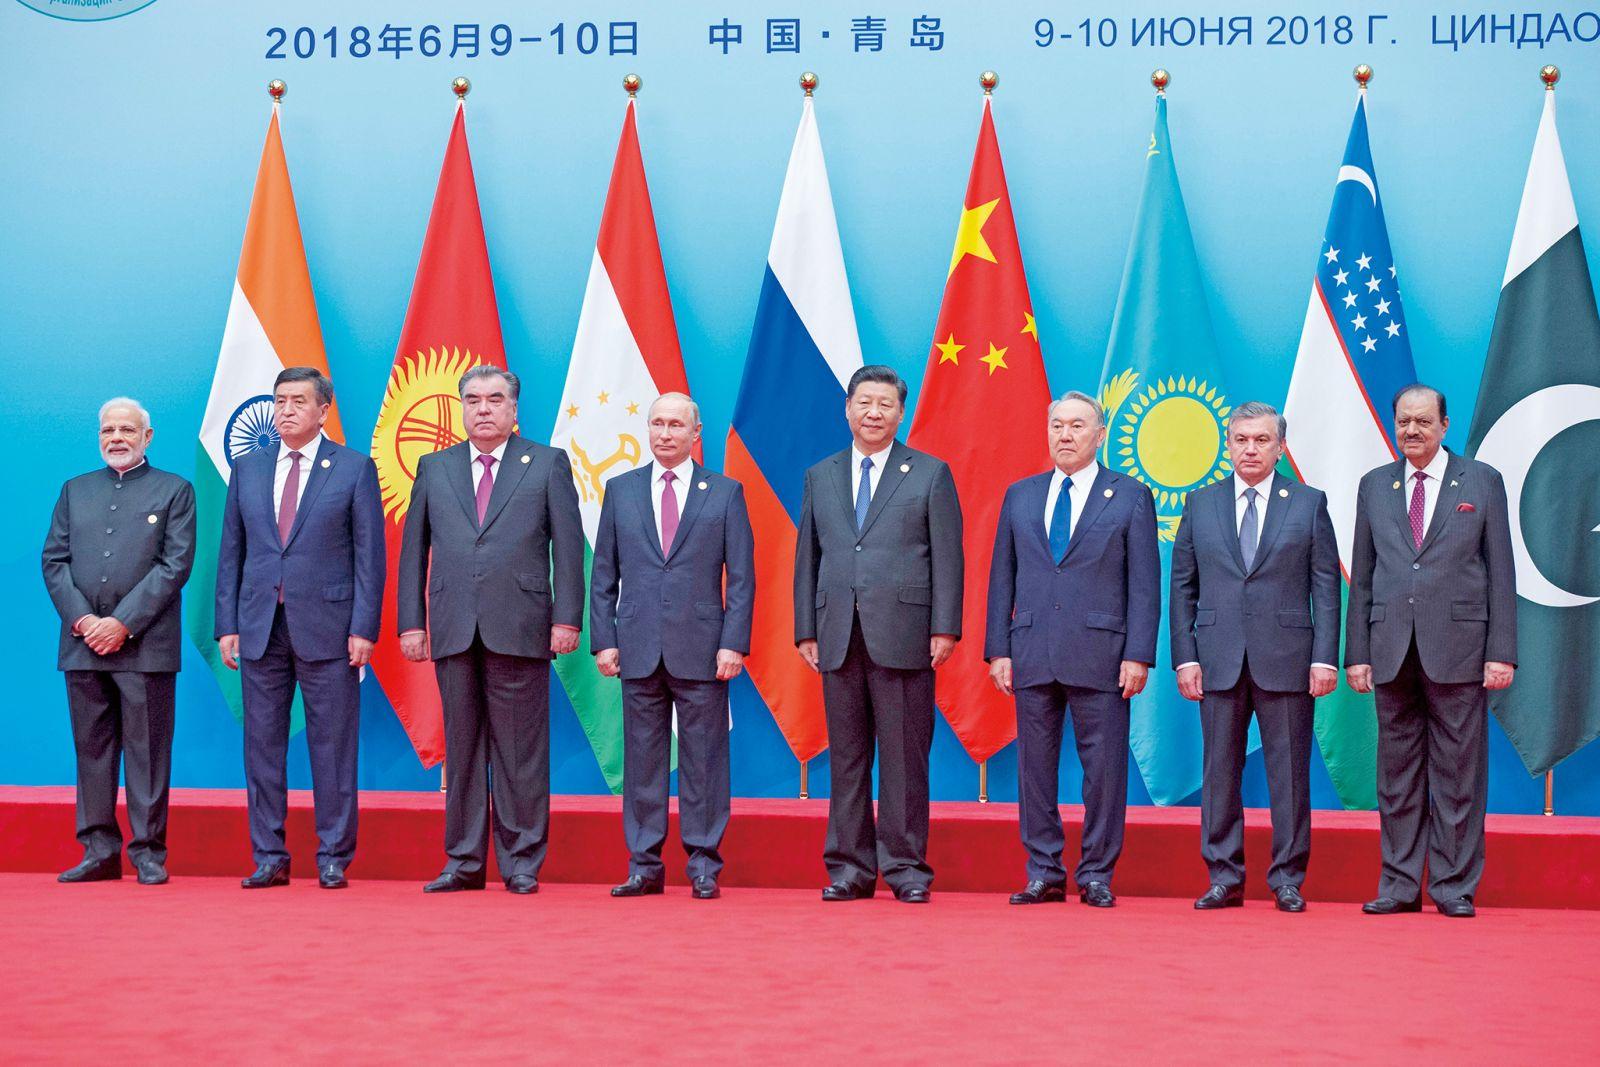 達成安全經貿合作共識